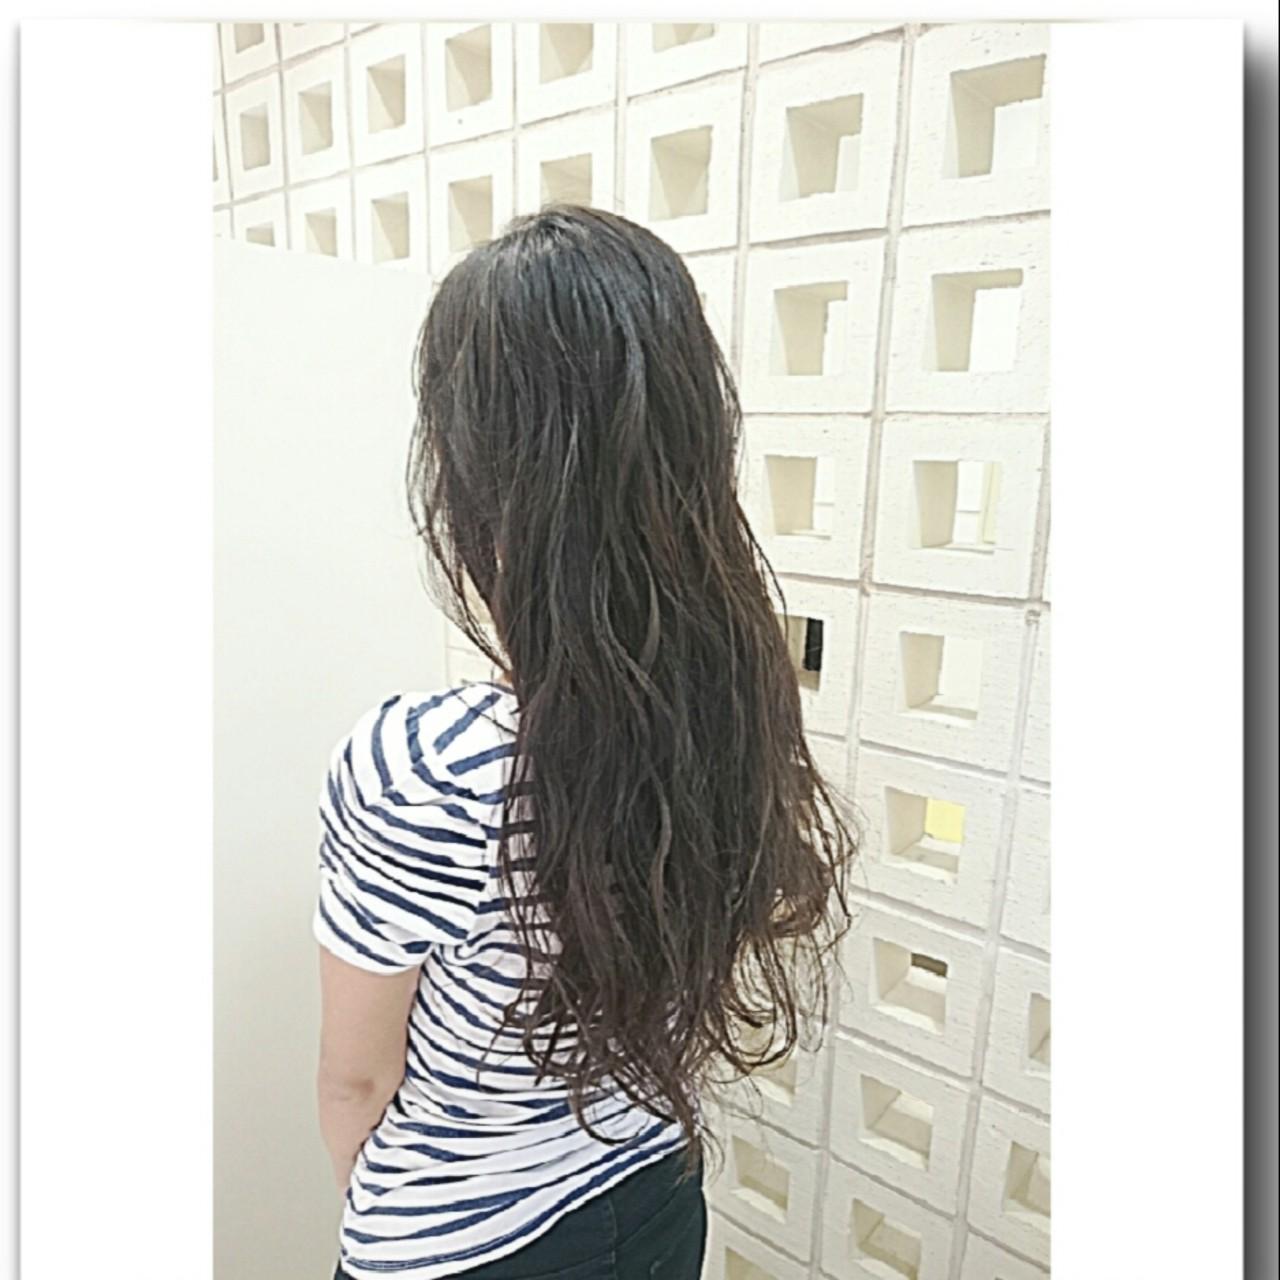 グレージュ スモーキーカラー ロング アッシュ ヘアスタイルや髪型の写真・画像